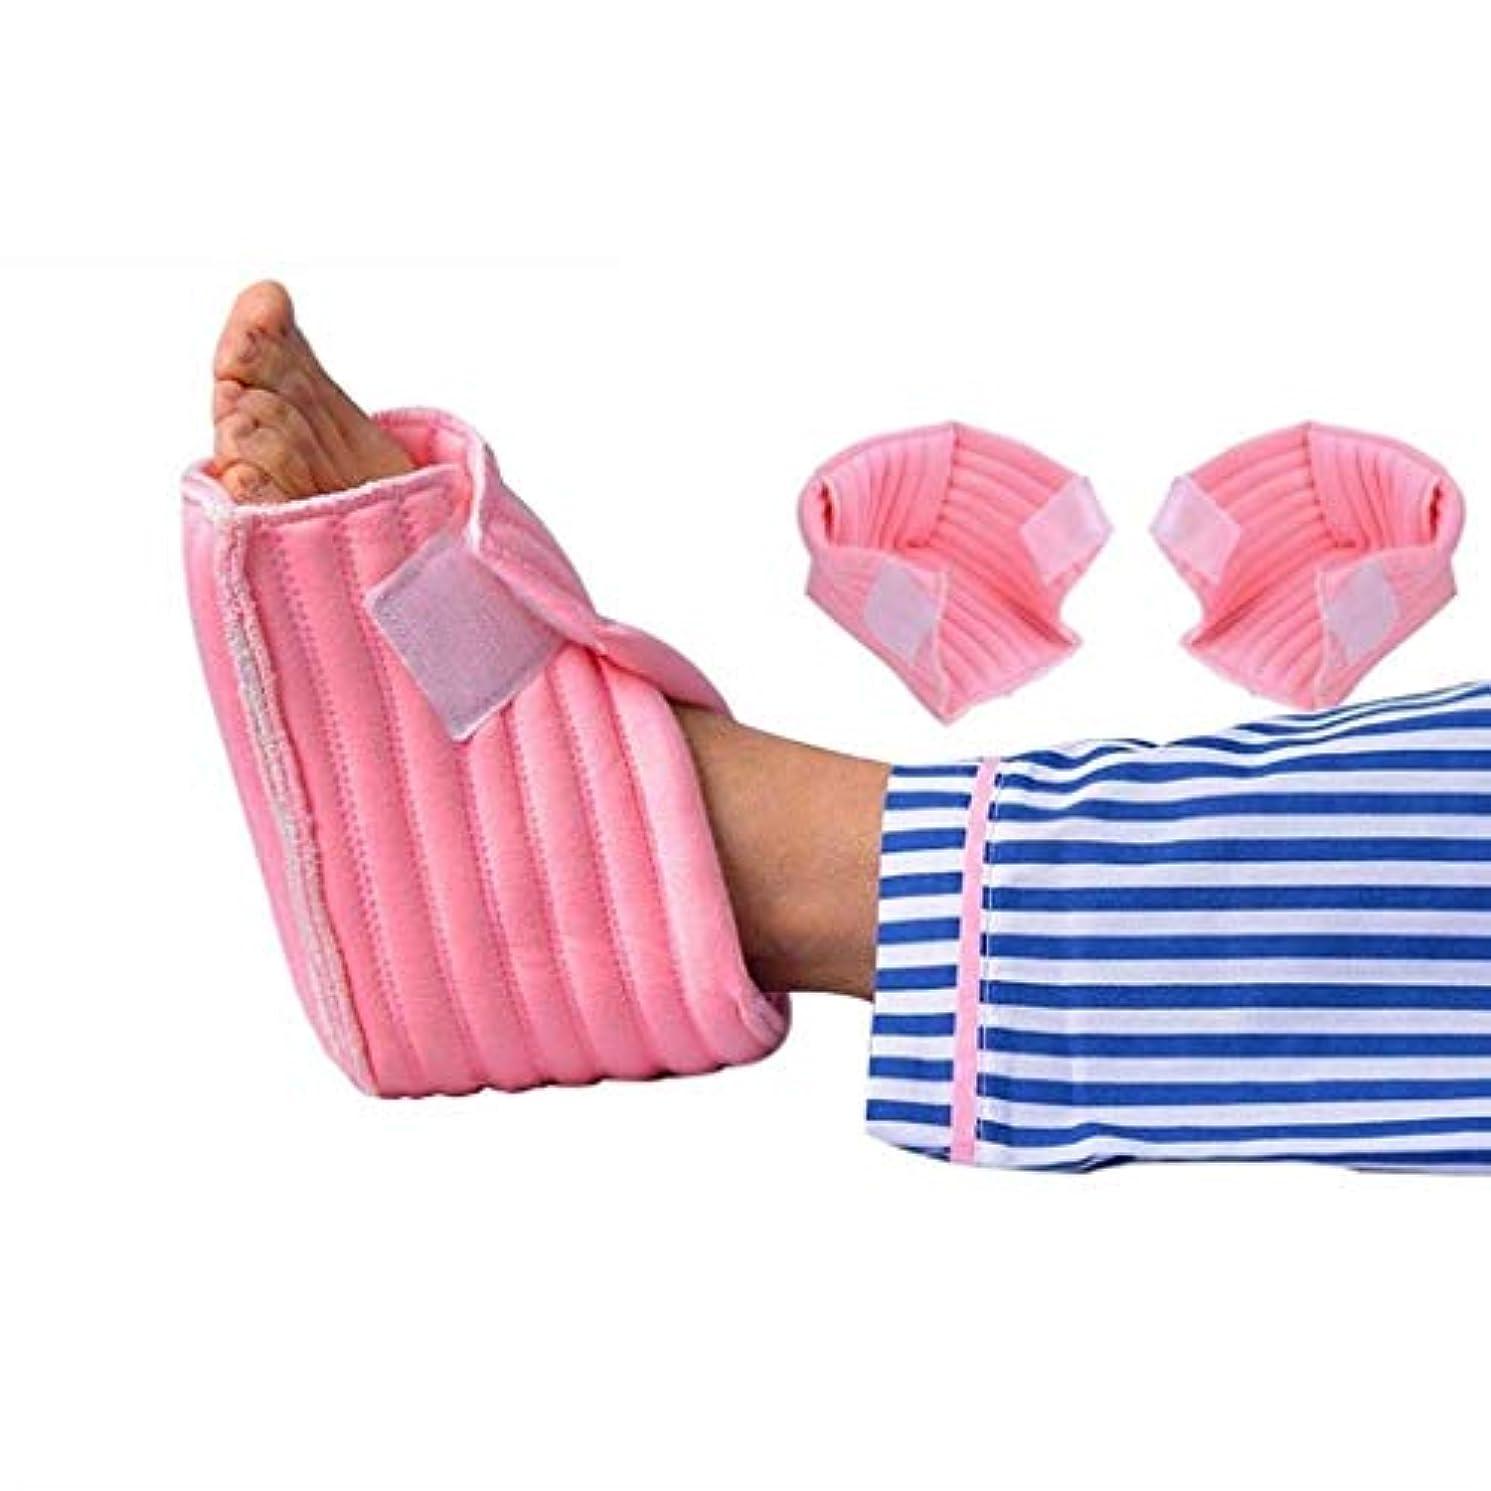 カナダレガシー予見するTONGSH かかとの枕-ウィッキング生地-ピンク-潰瘍の予防、足/かかとへの圧力を軽減 (Size : 1pcs)